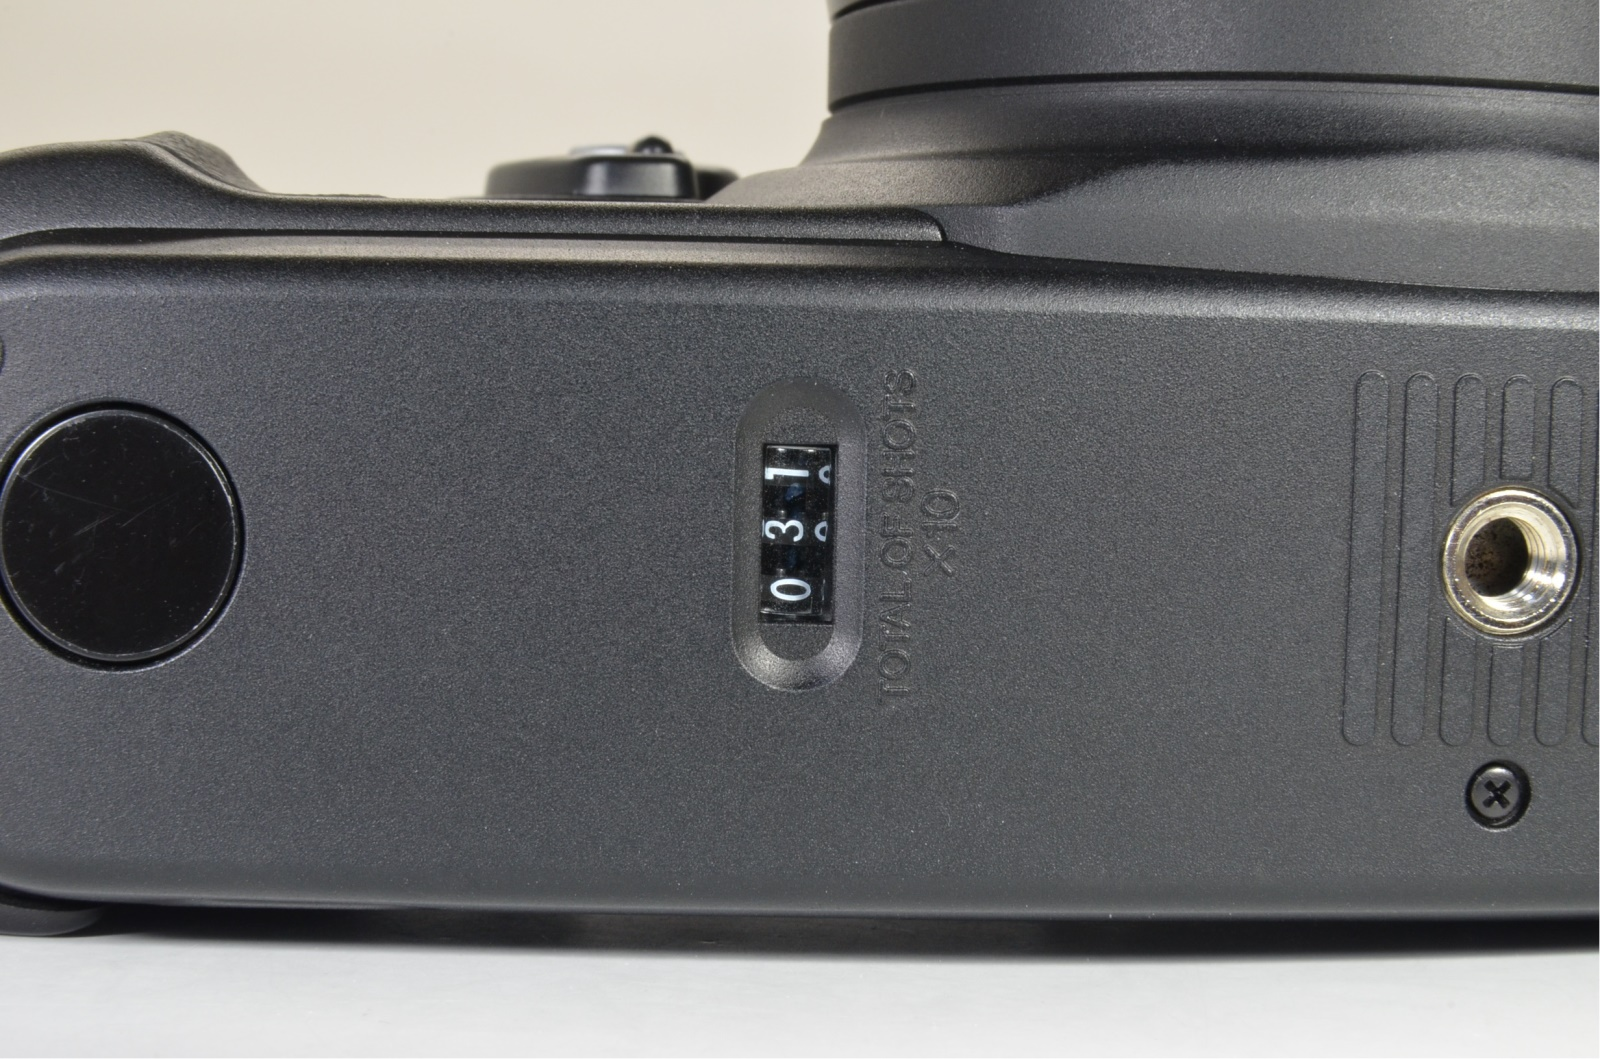 fuji fujifilm gsw680iii 65mm f5.6 count 031 shooting tested